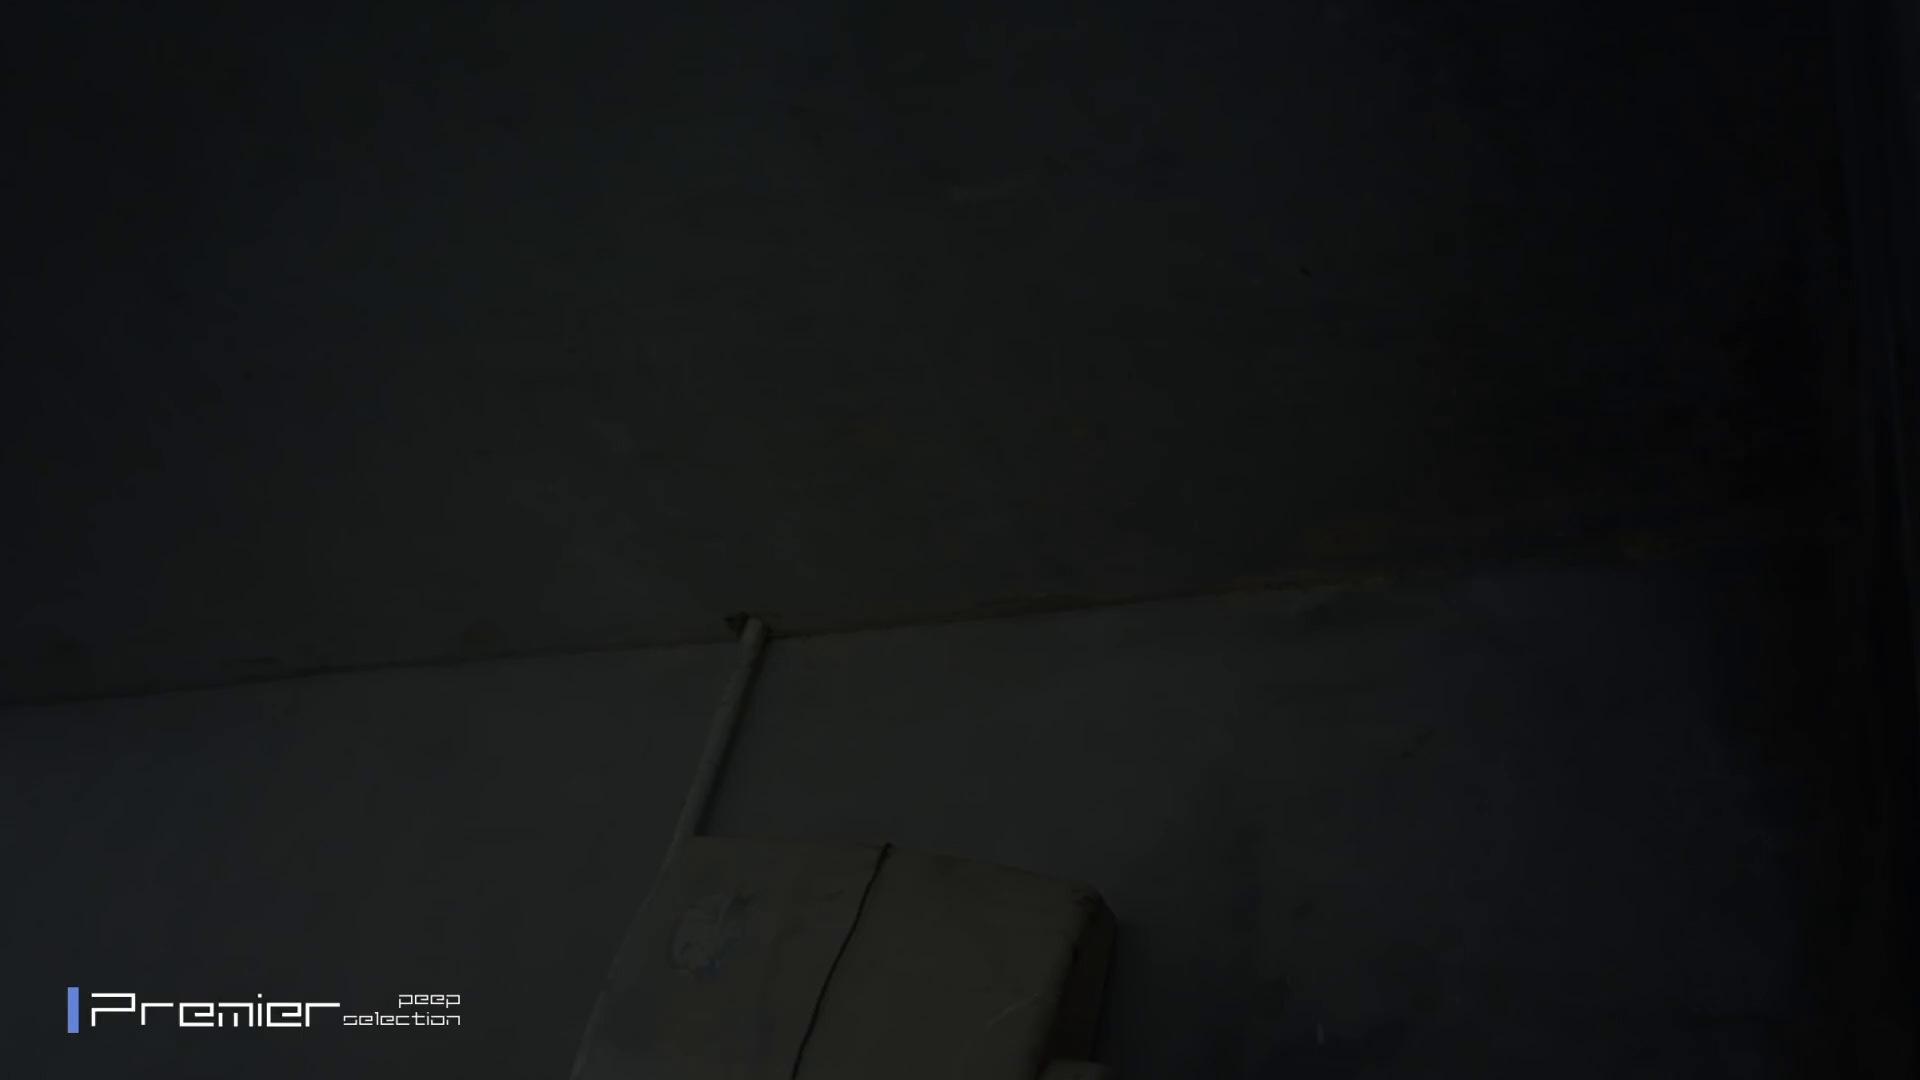 おとなしそうな女の子 トイレシーンを密着盗撮!! 美女の痴態に密着!Vol.24 チラ 盗撮おめこ無修正動画無料 55pic 5